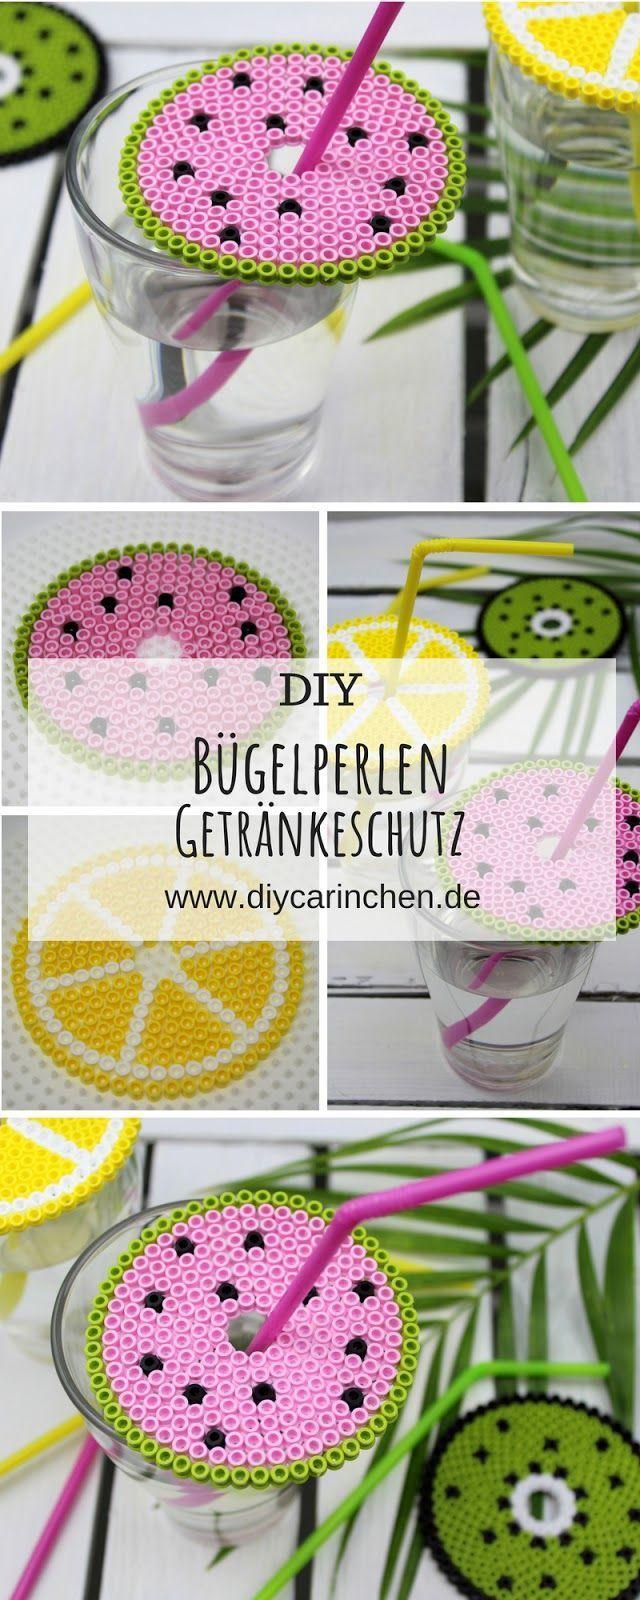 Sommerliches DIY: Getränkeschutzdeckel aus Bügelperlen in 3 sommerlichen Motiven ganz einfach selber machen – super Wespenschutz